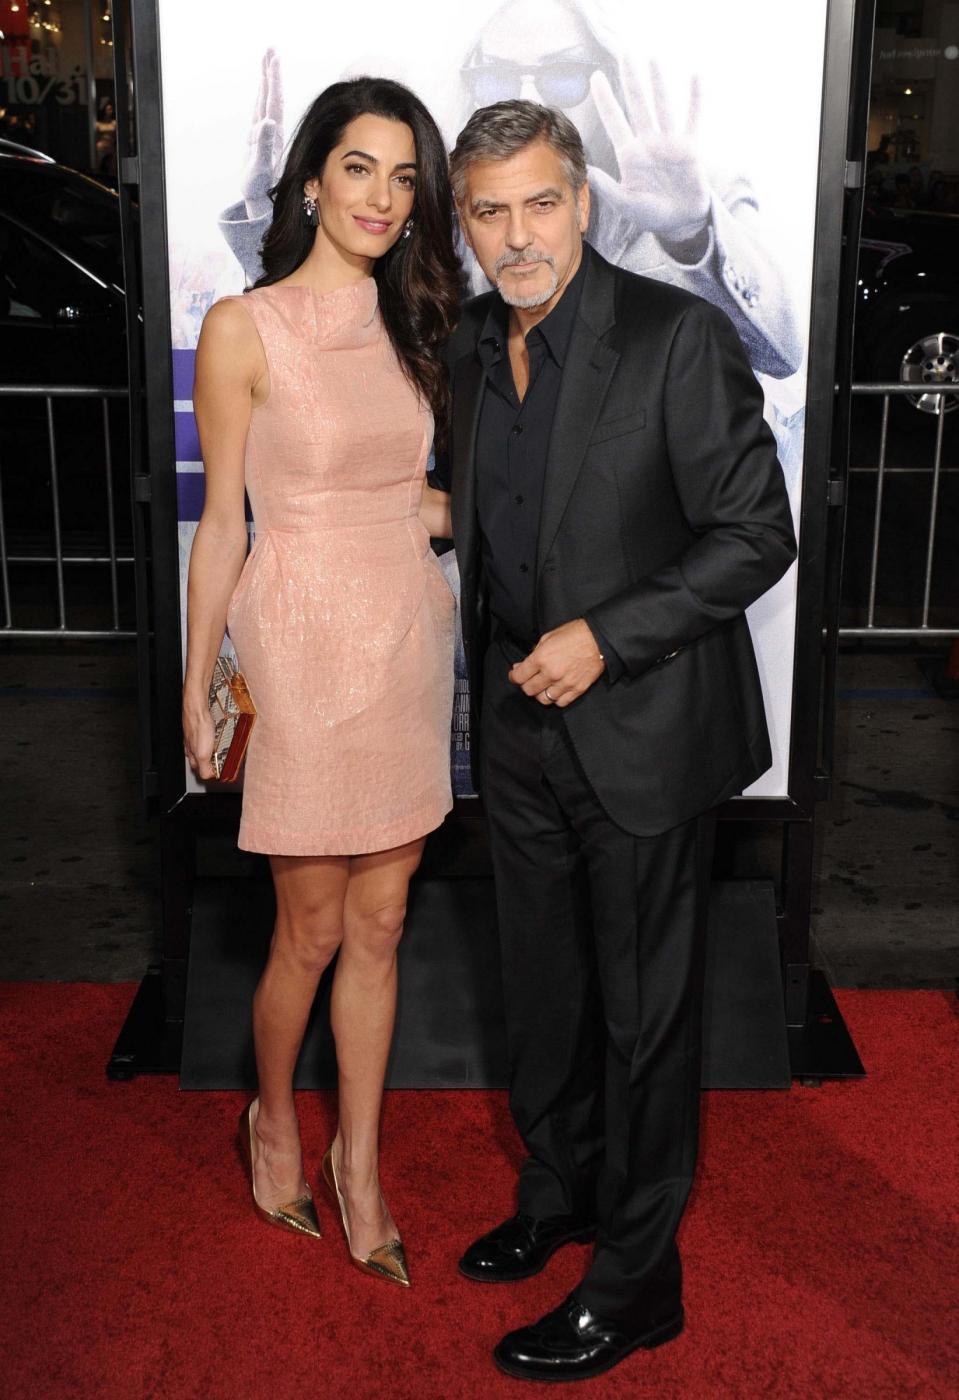 Amal Alamuddin Clooney, vestito rosa glitterato a Londra FOTO 18